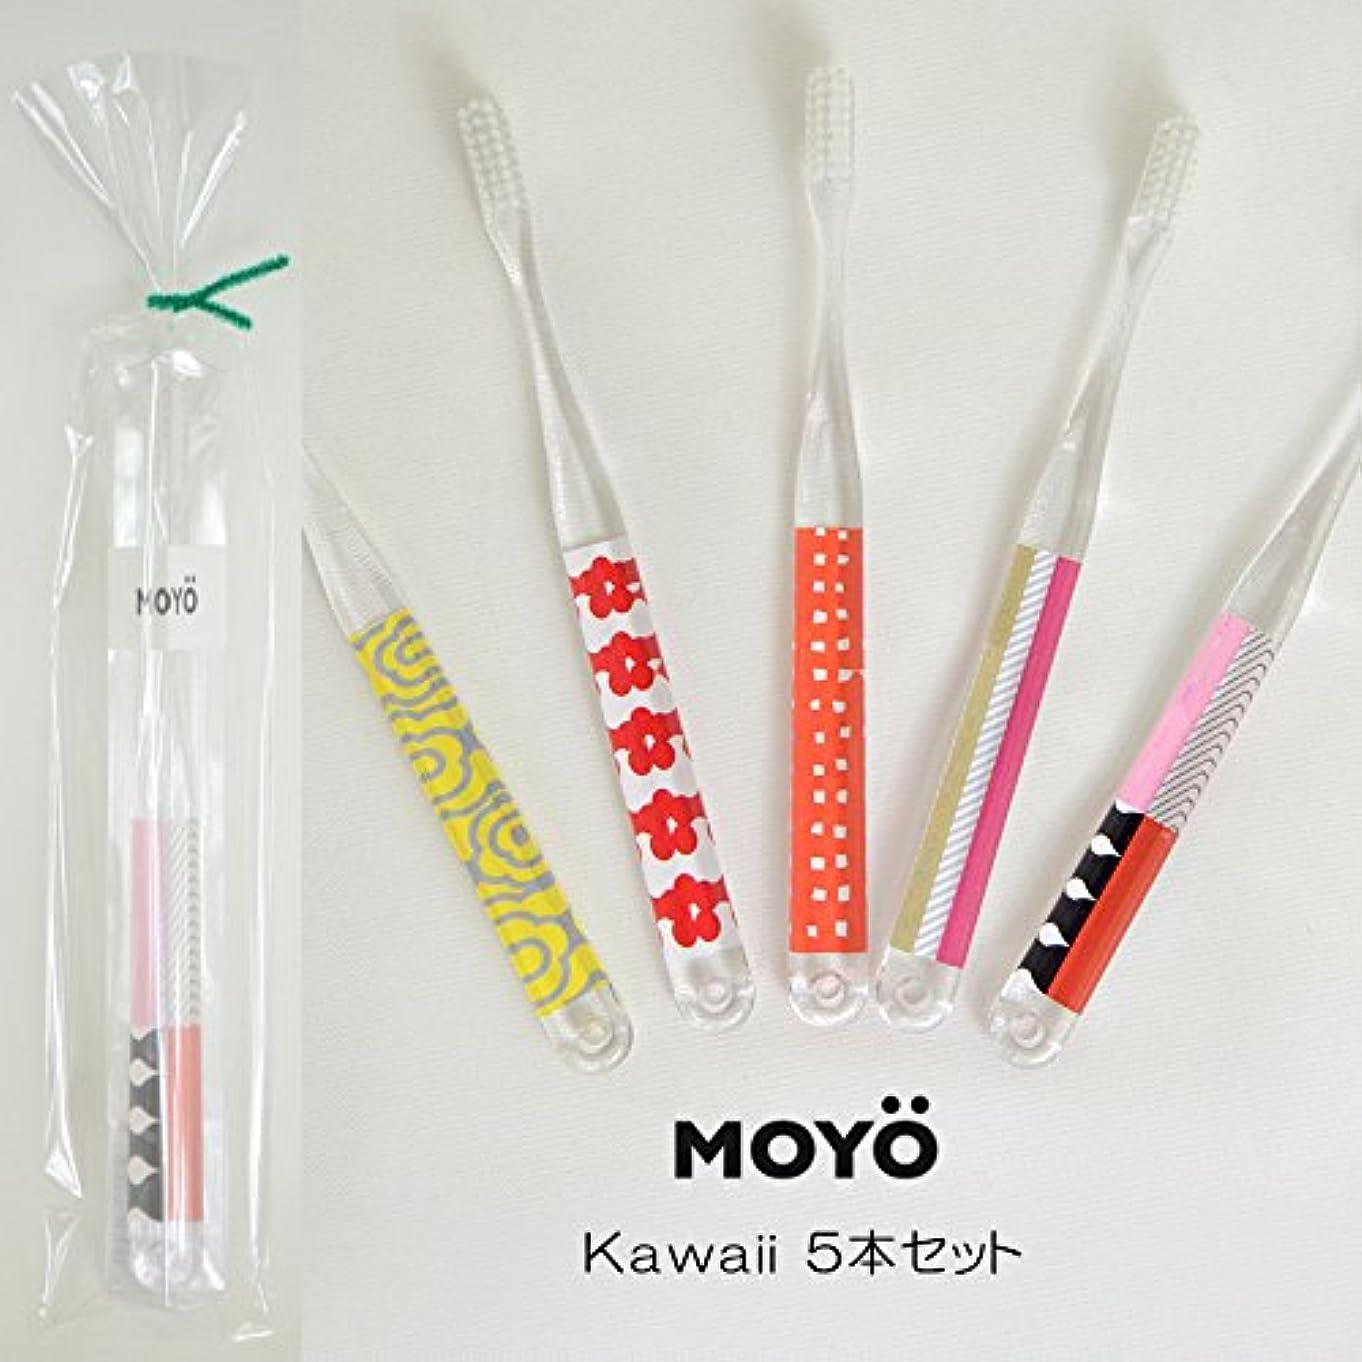 どきどき後世出来事MOYO モヨウ 歯ブラシ kawaii5本 プチ ギフト セット_562302-kawaii 【F】,kawaii5本セット